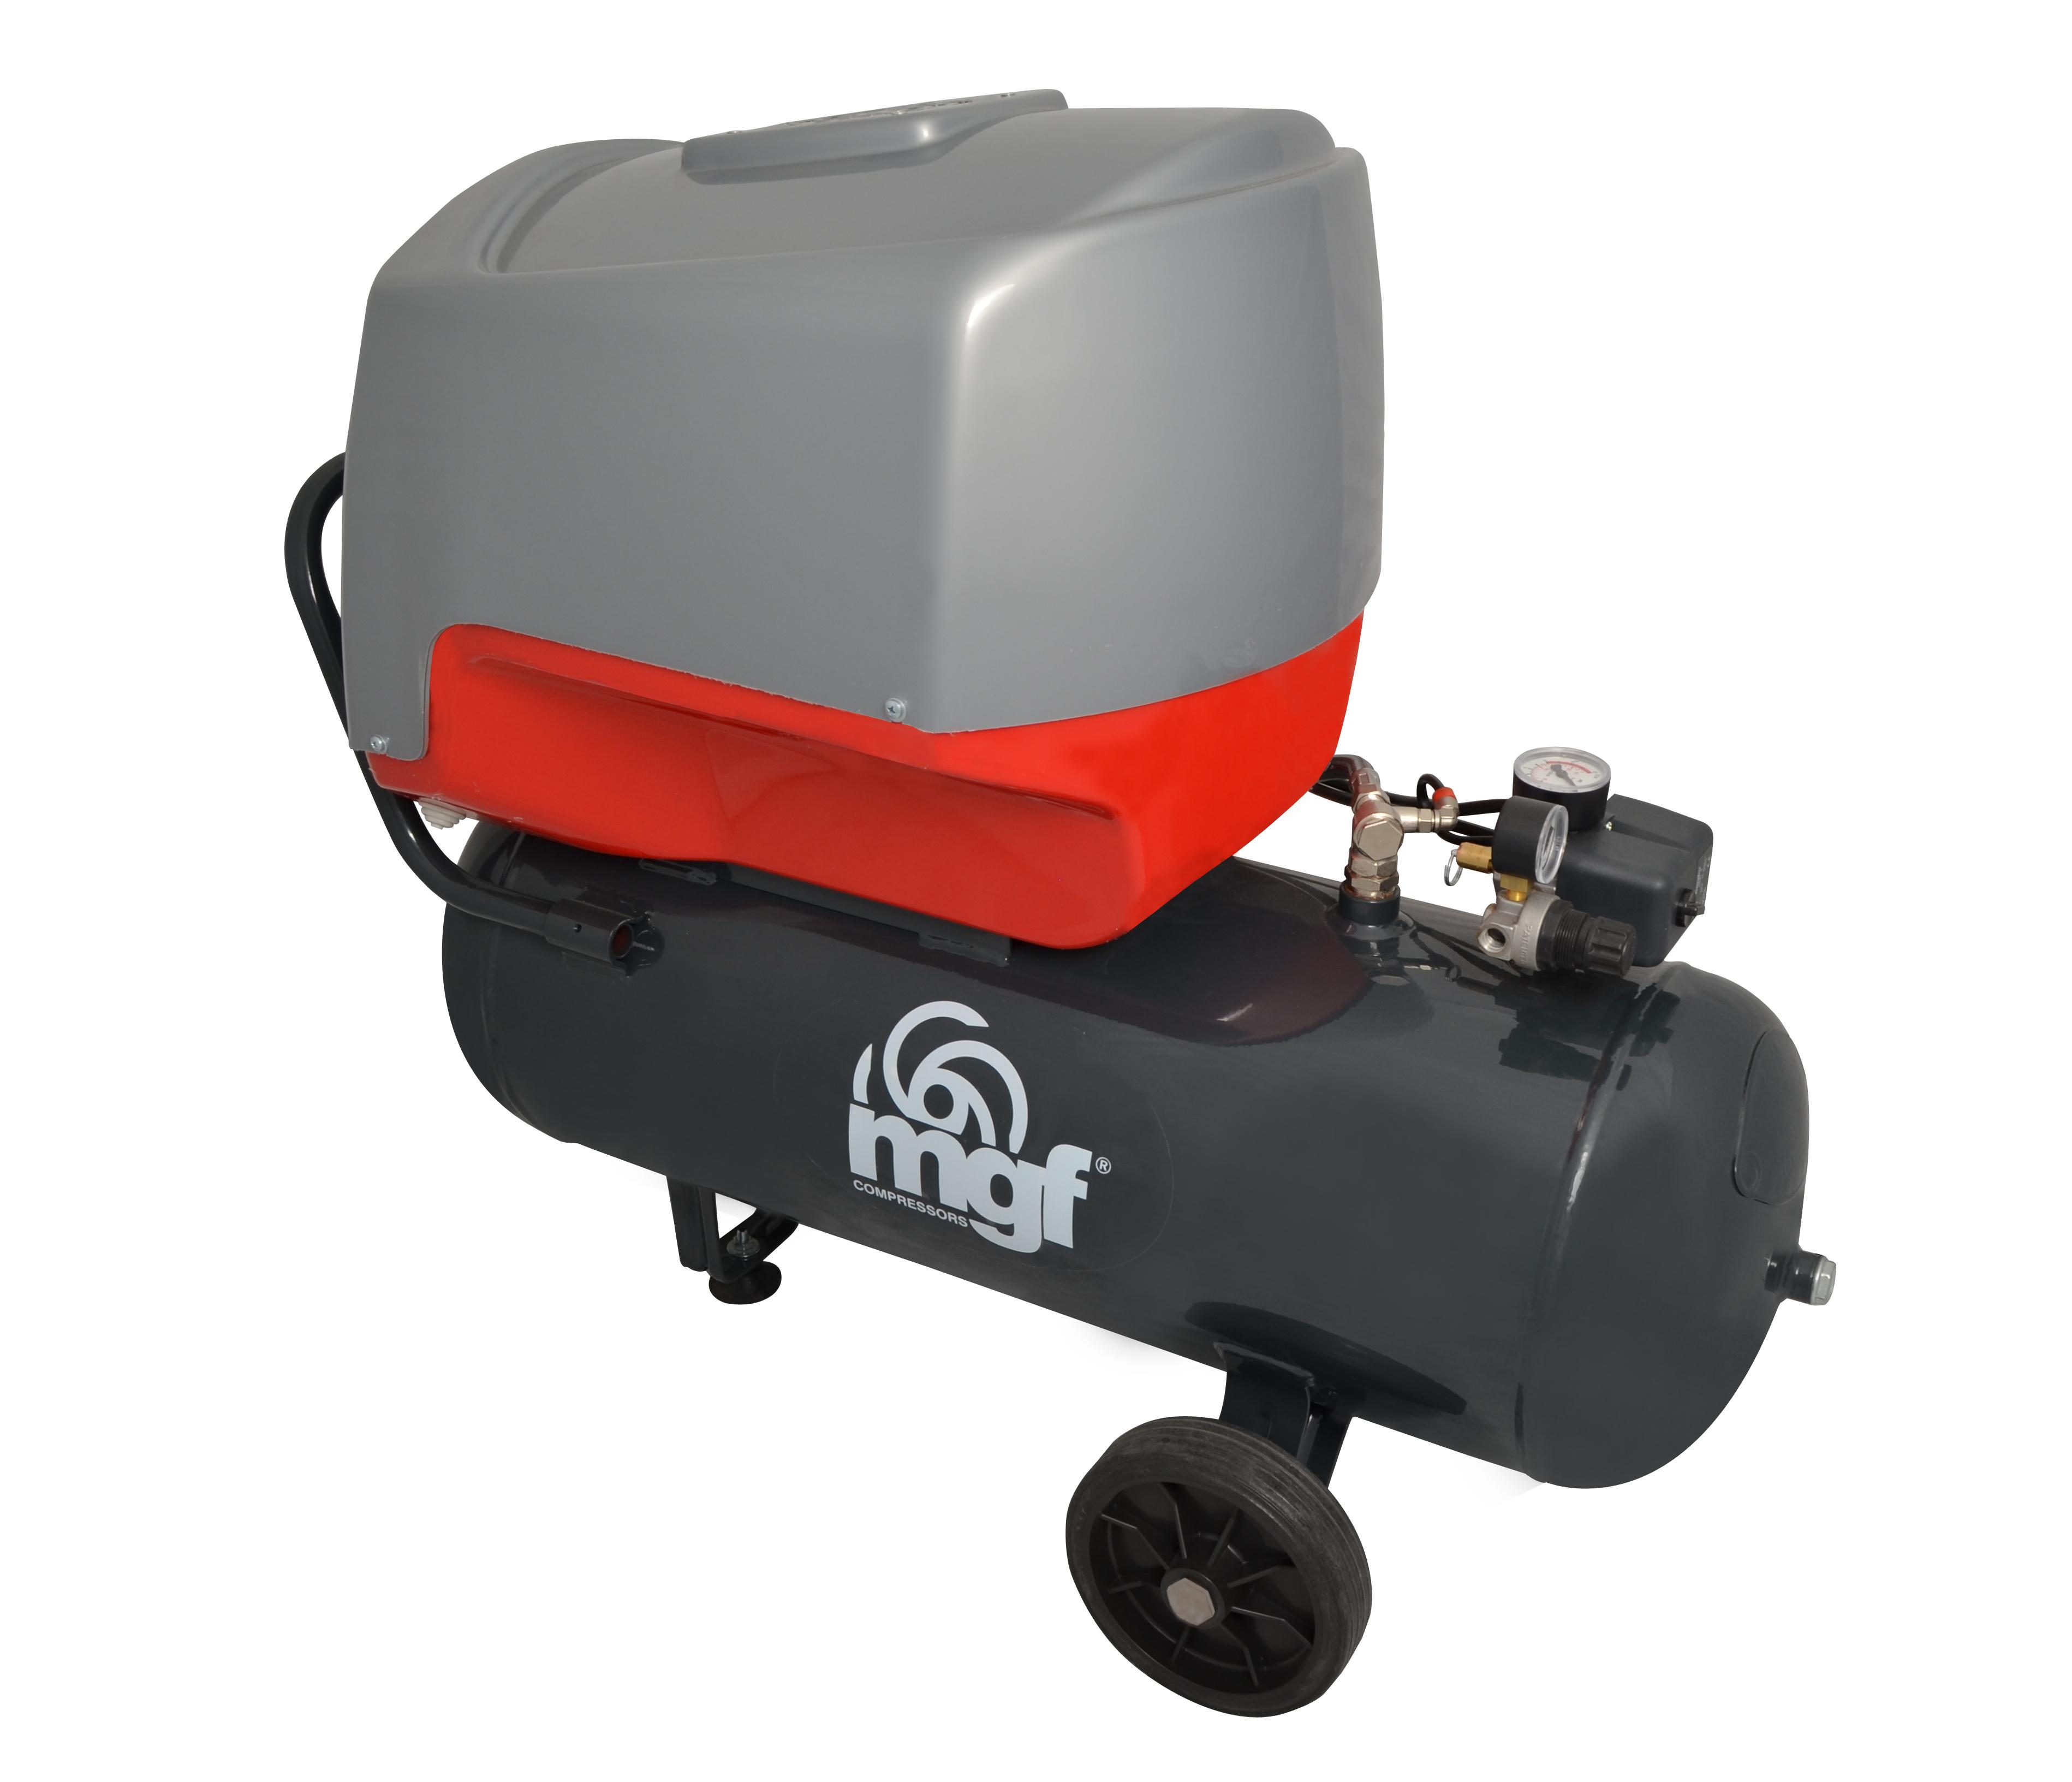 Bezolejové kompresory Profesional jsou tím nejlepším řešením pro profesionální využití při potřebě b...